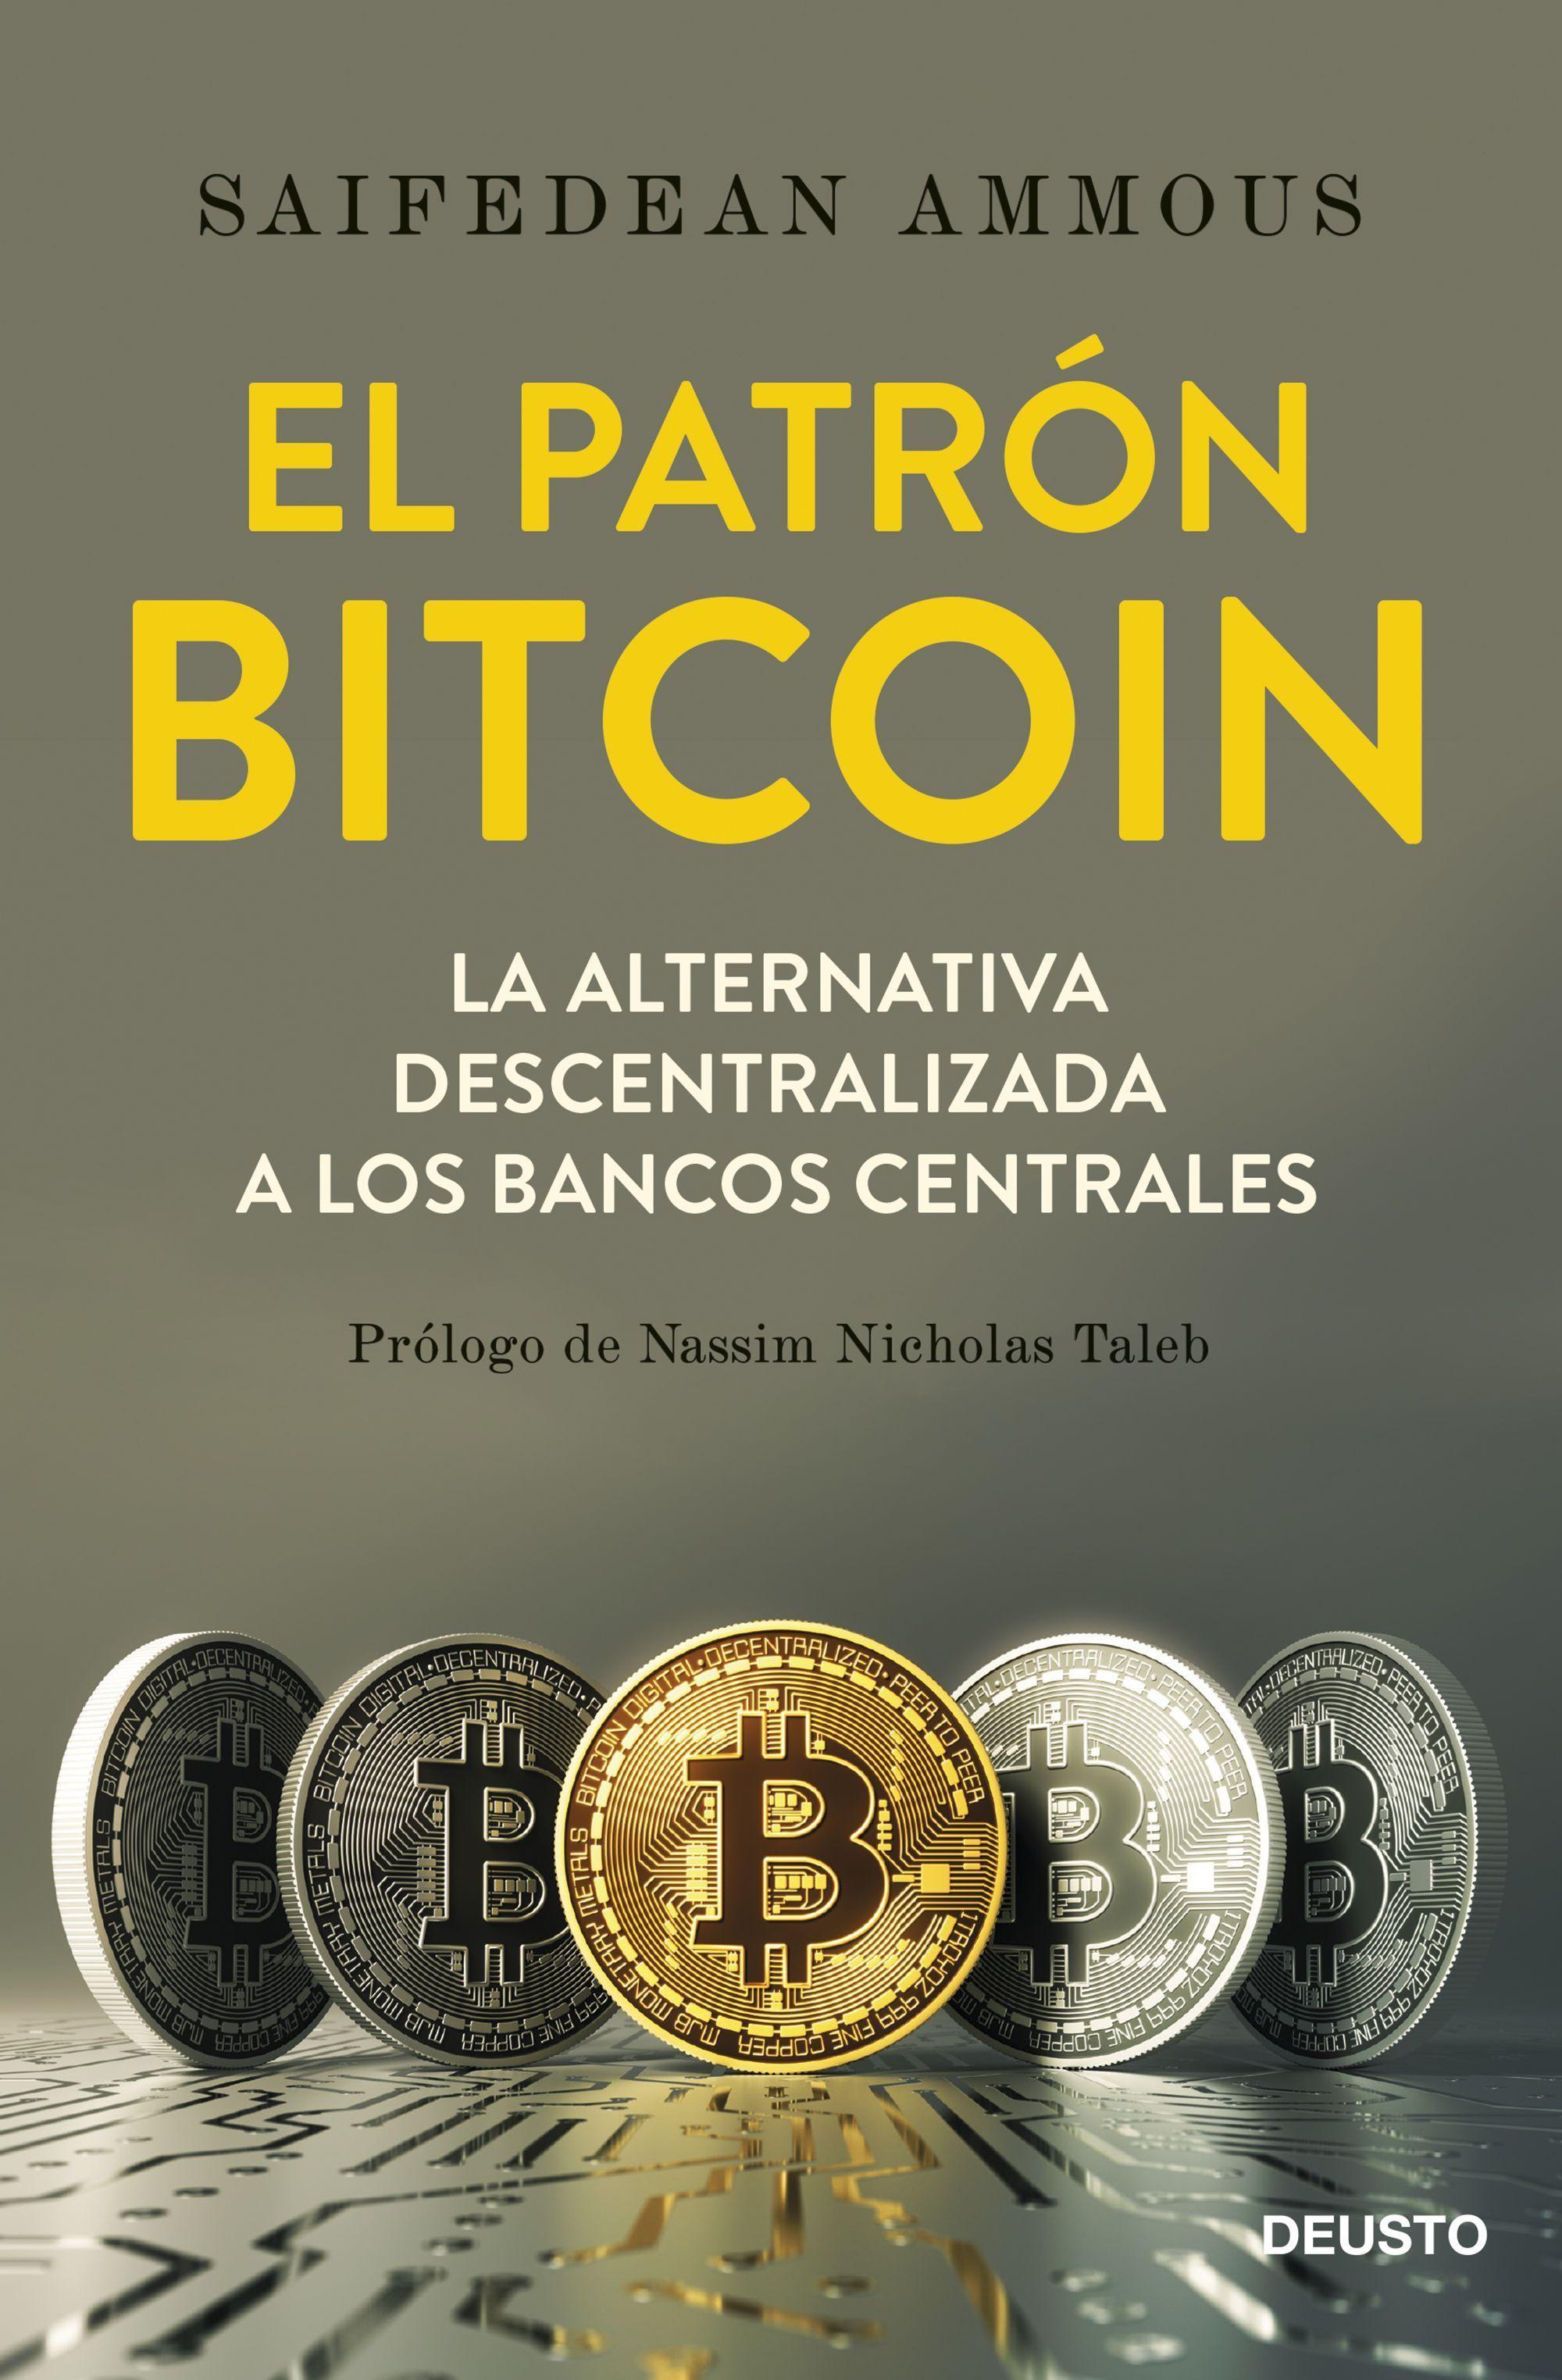 Guia como minar bitcoins for free 007betting